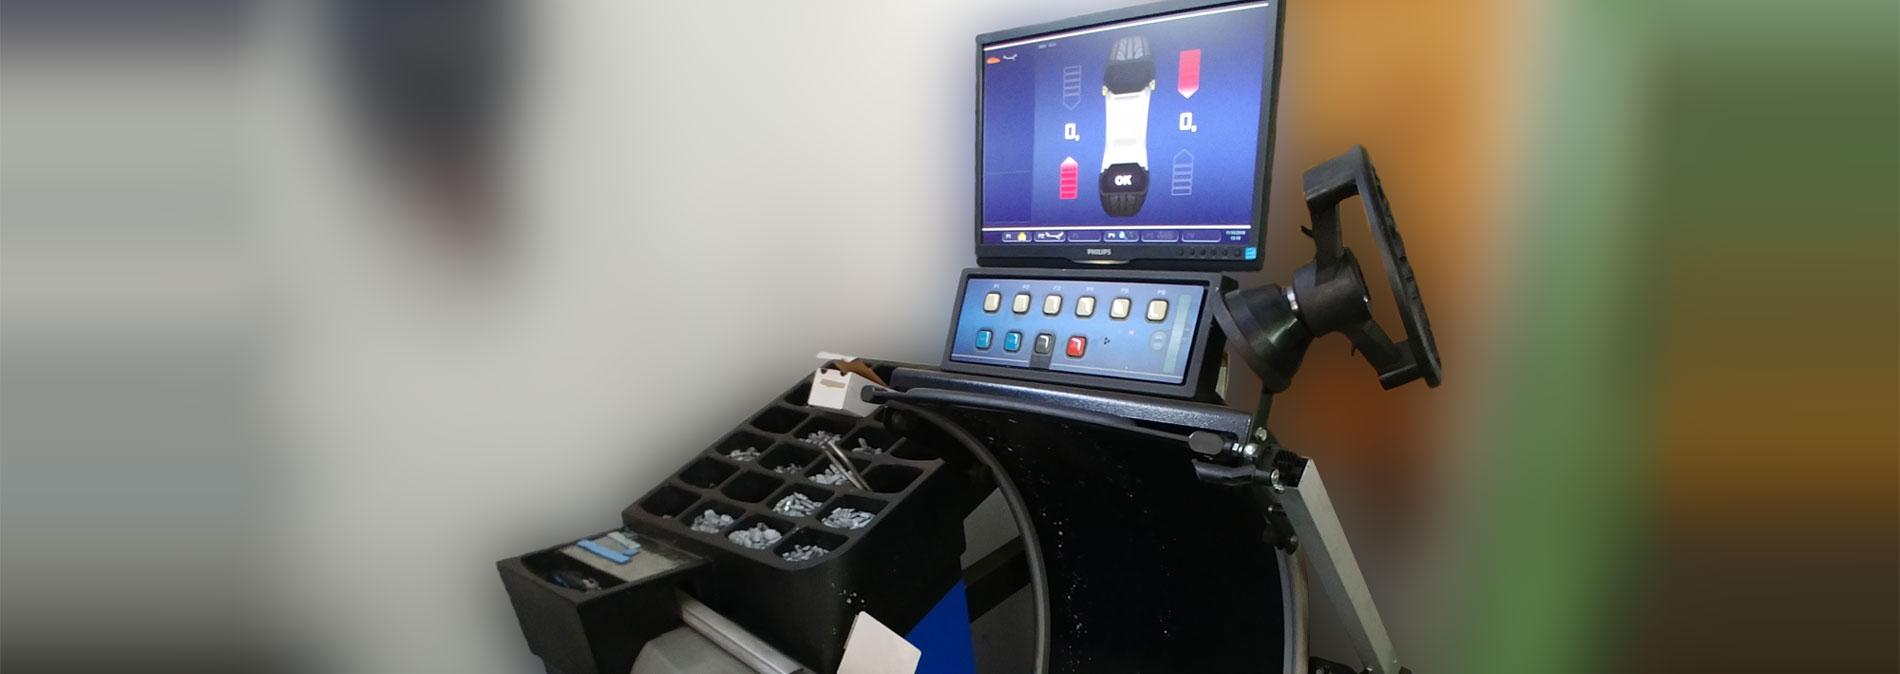 Service Reifenmontage - Bild Wuchtmaschine